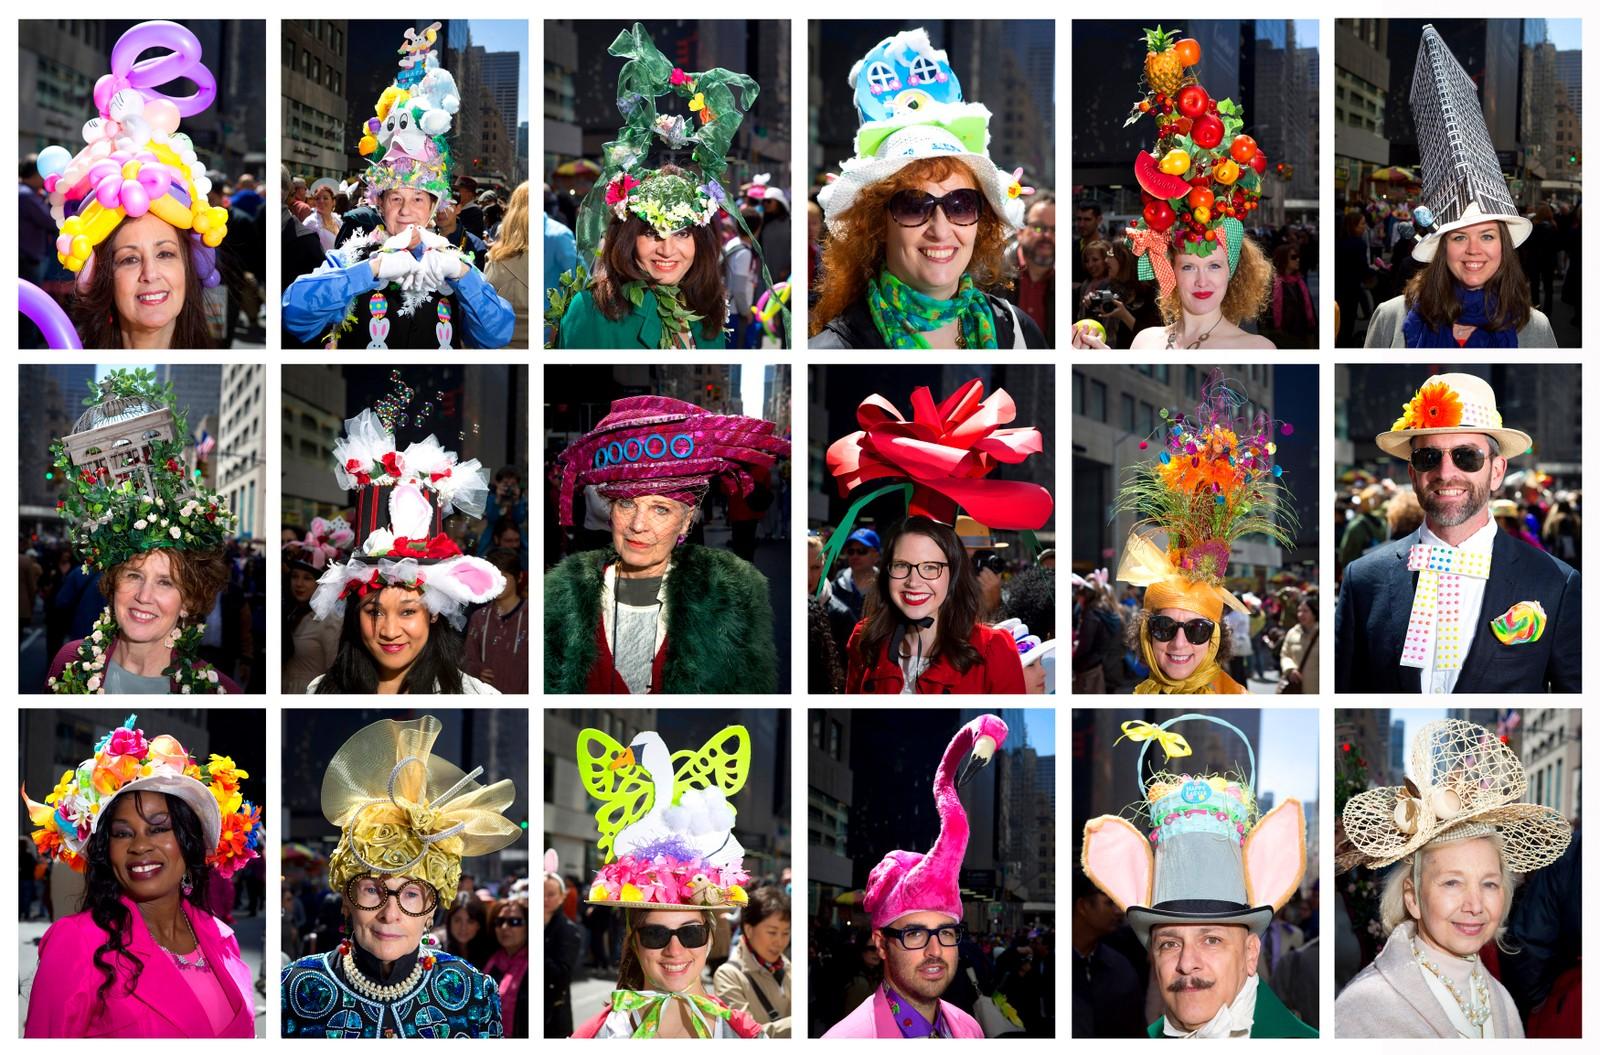 Den årlige Easter Bonnet-paraden i New York kombinerer påske og kreative hatter.